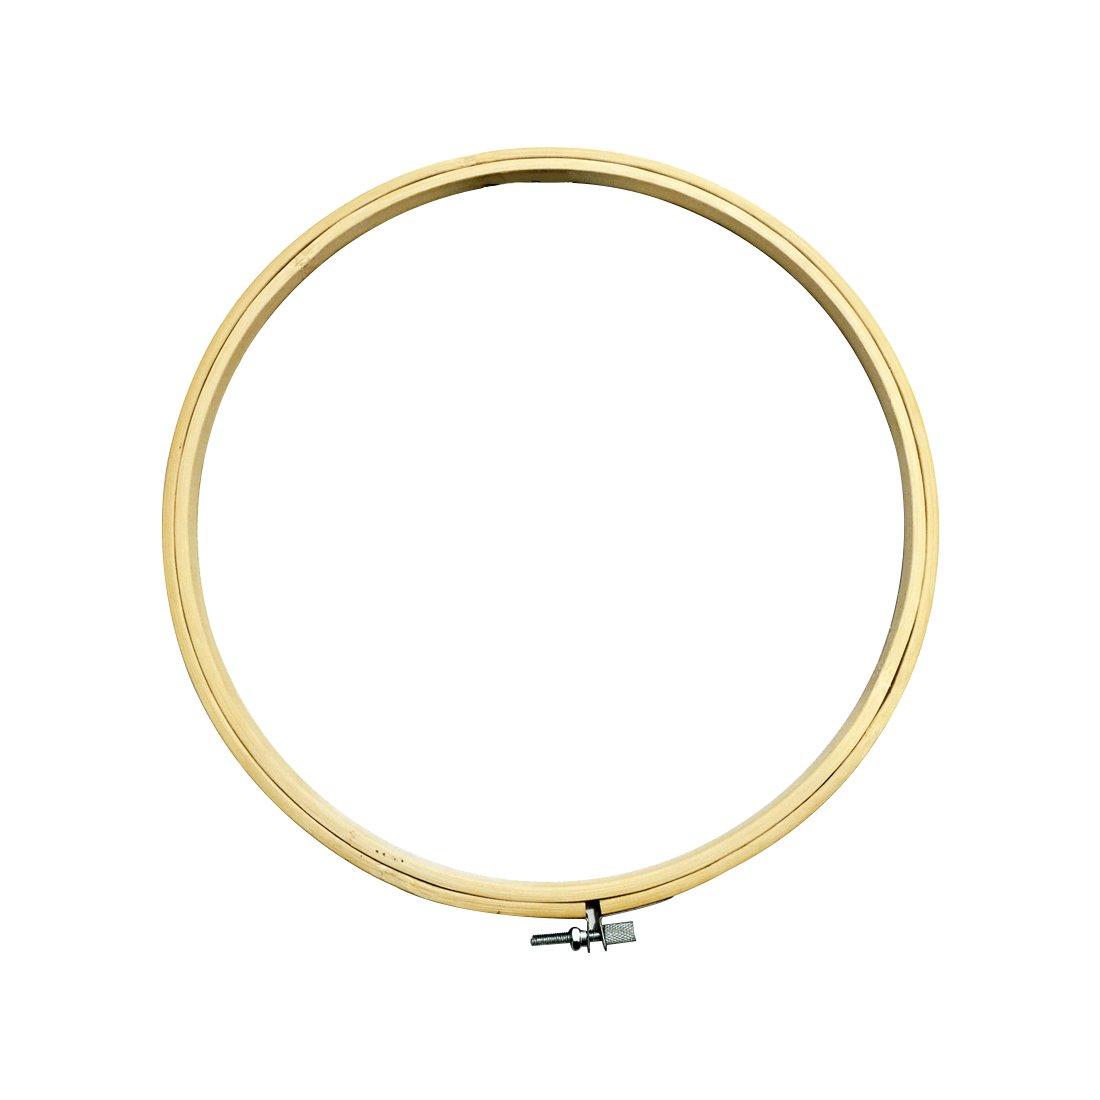 Cercle /à broder rond en bois Bricolage Cercle de broderie pour machine /à coudre Outil 21/cm